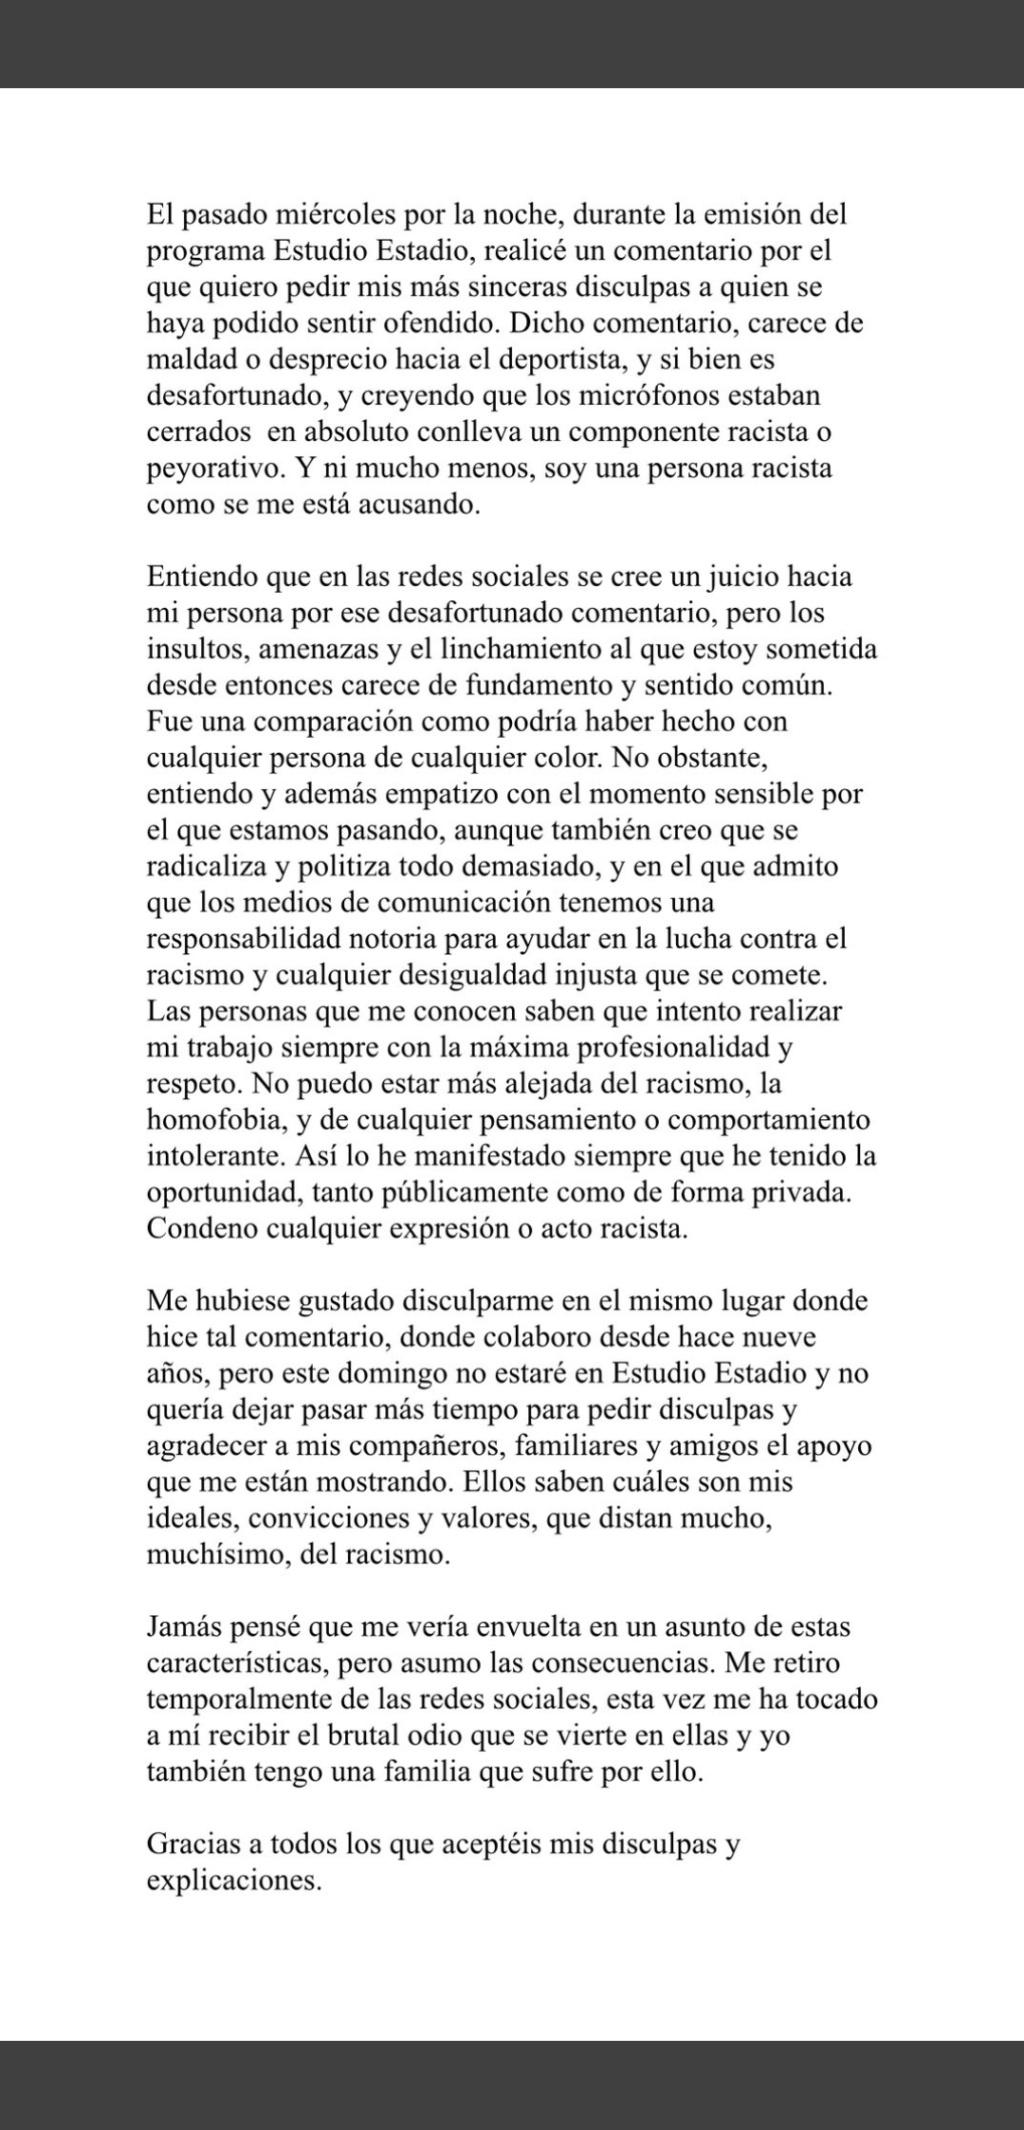 ¿Creeis que hay racismo en España?  - Página 5 Scree104